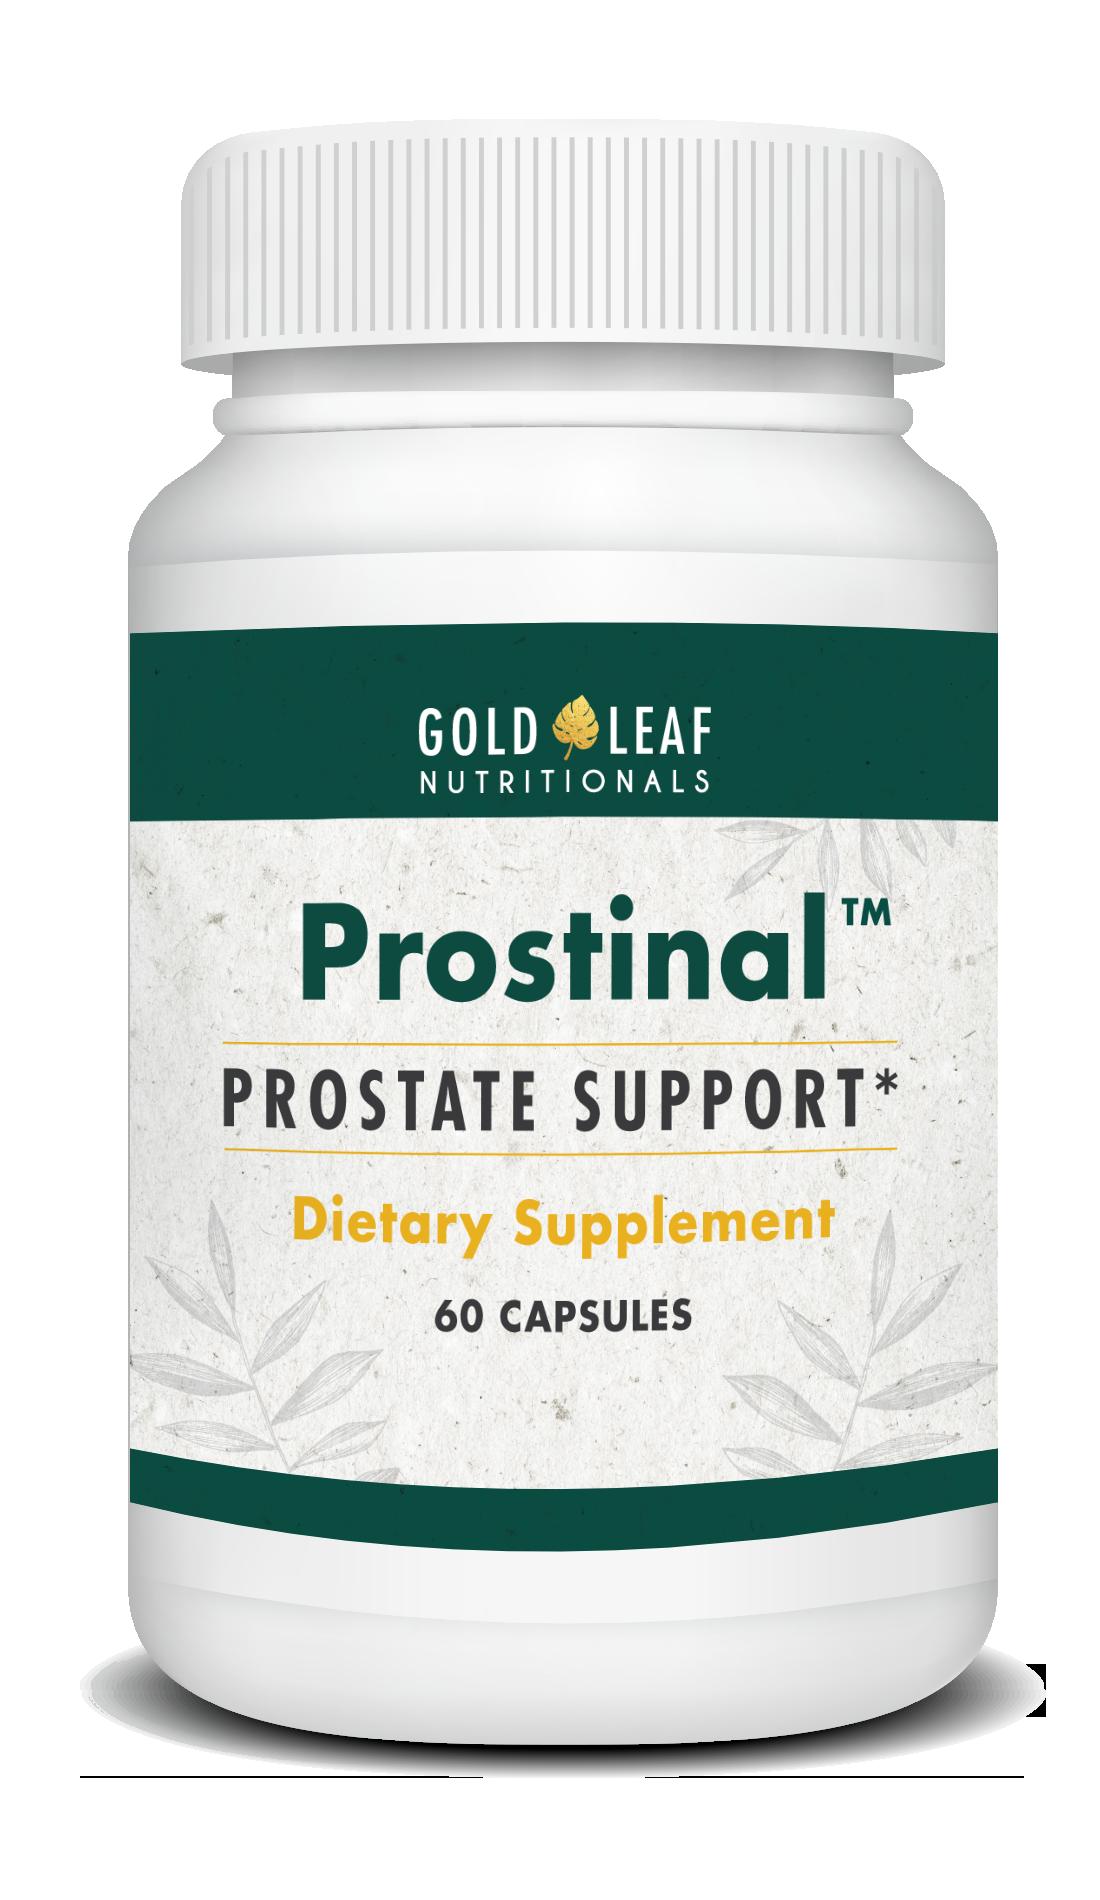 Bottle of Prostinal